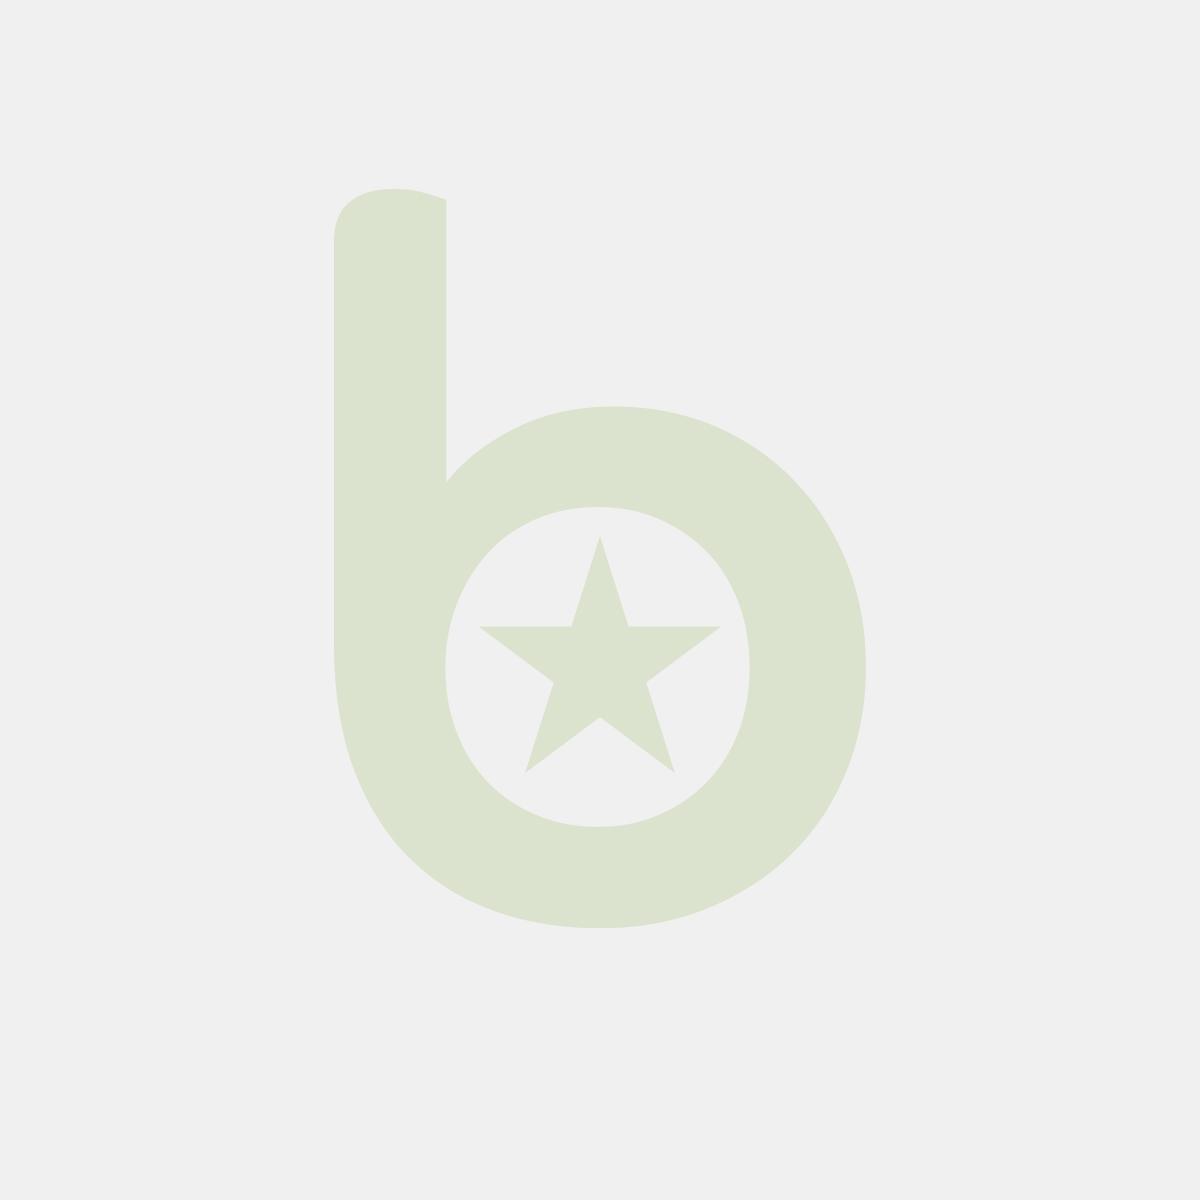 Pędzelek cukierniczy - płaski 45